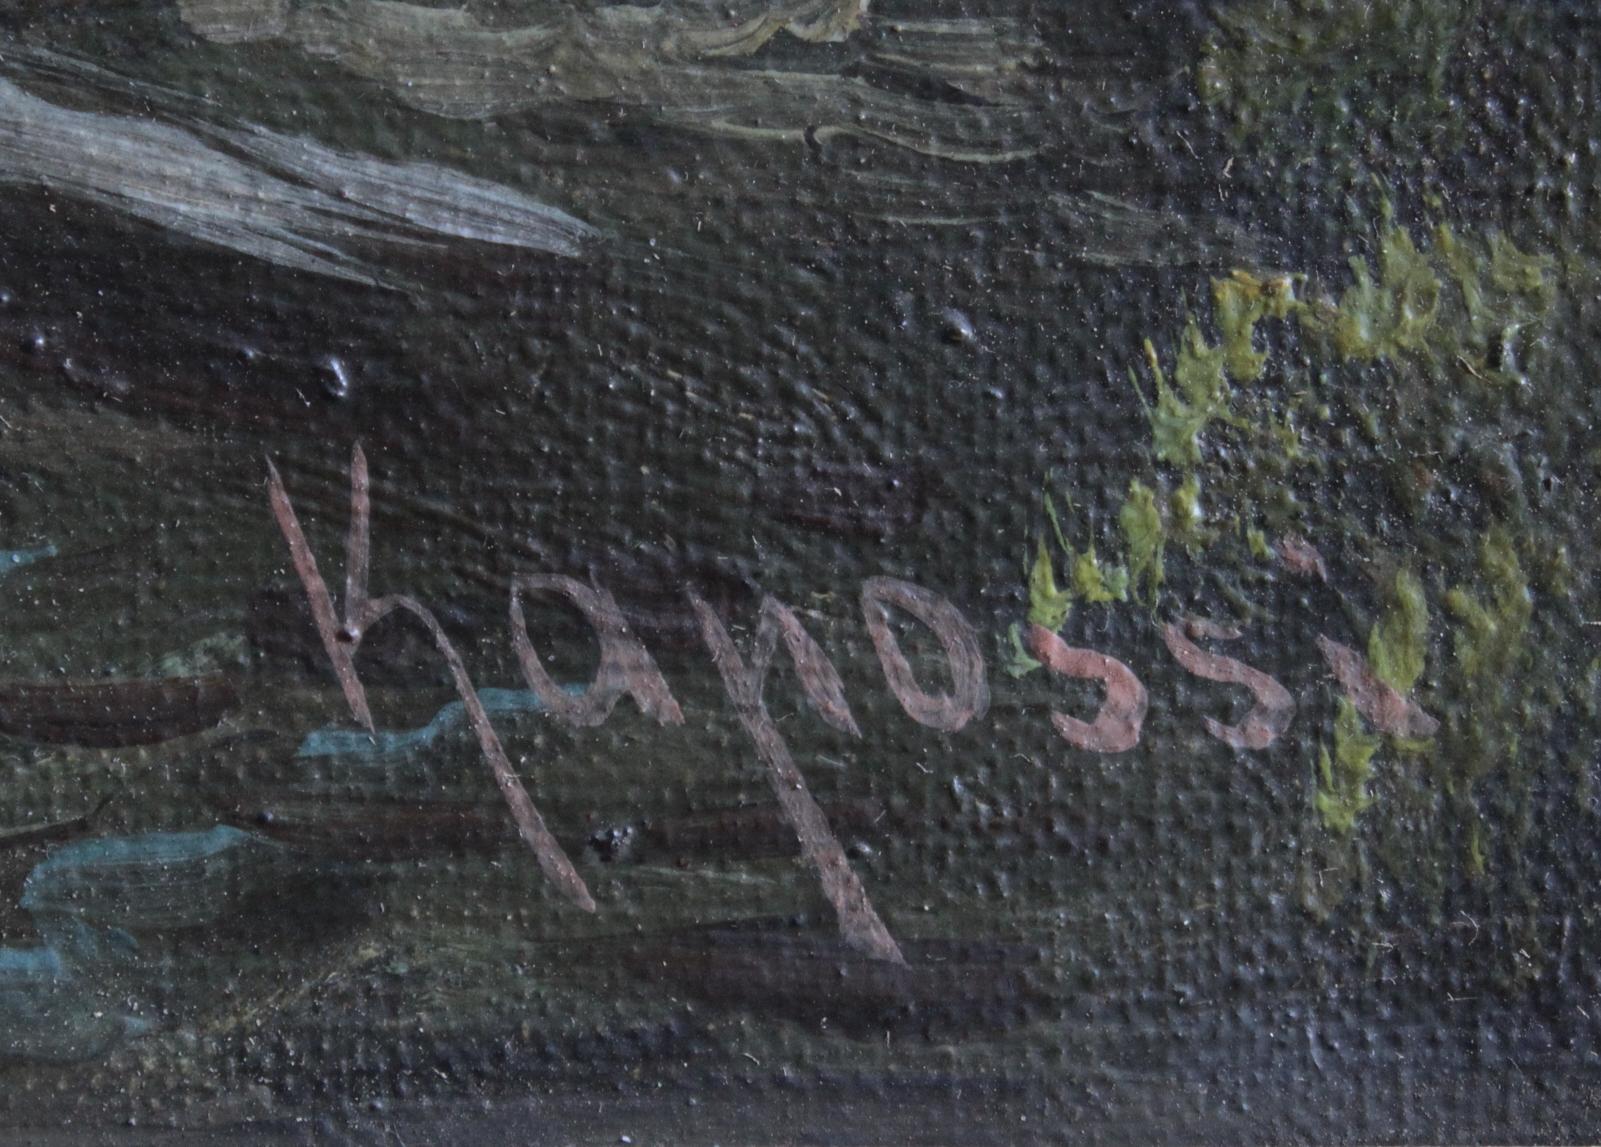 Kapossi ?-?, 2 Landschaftsgemälde-4